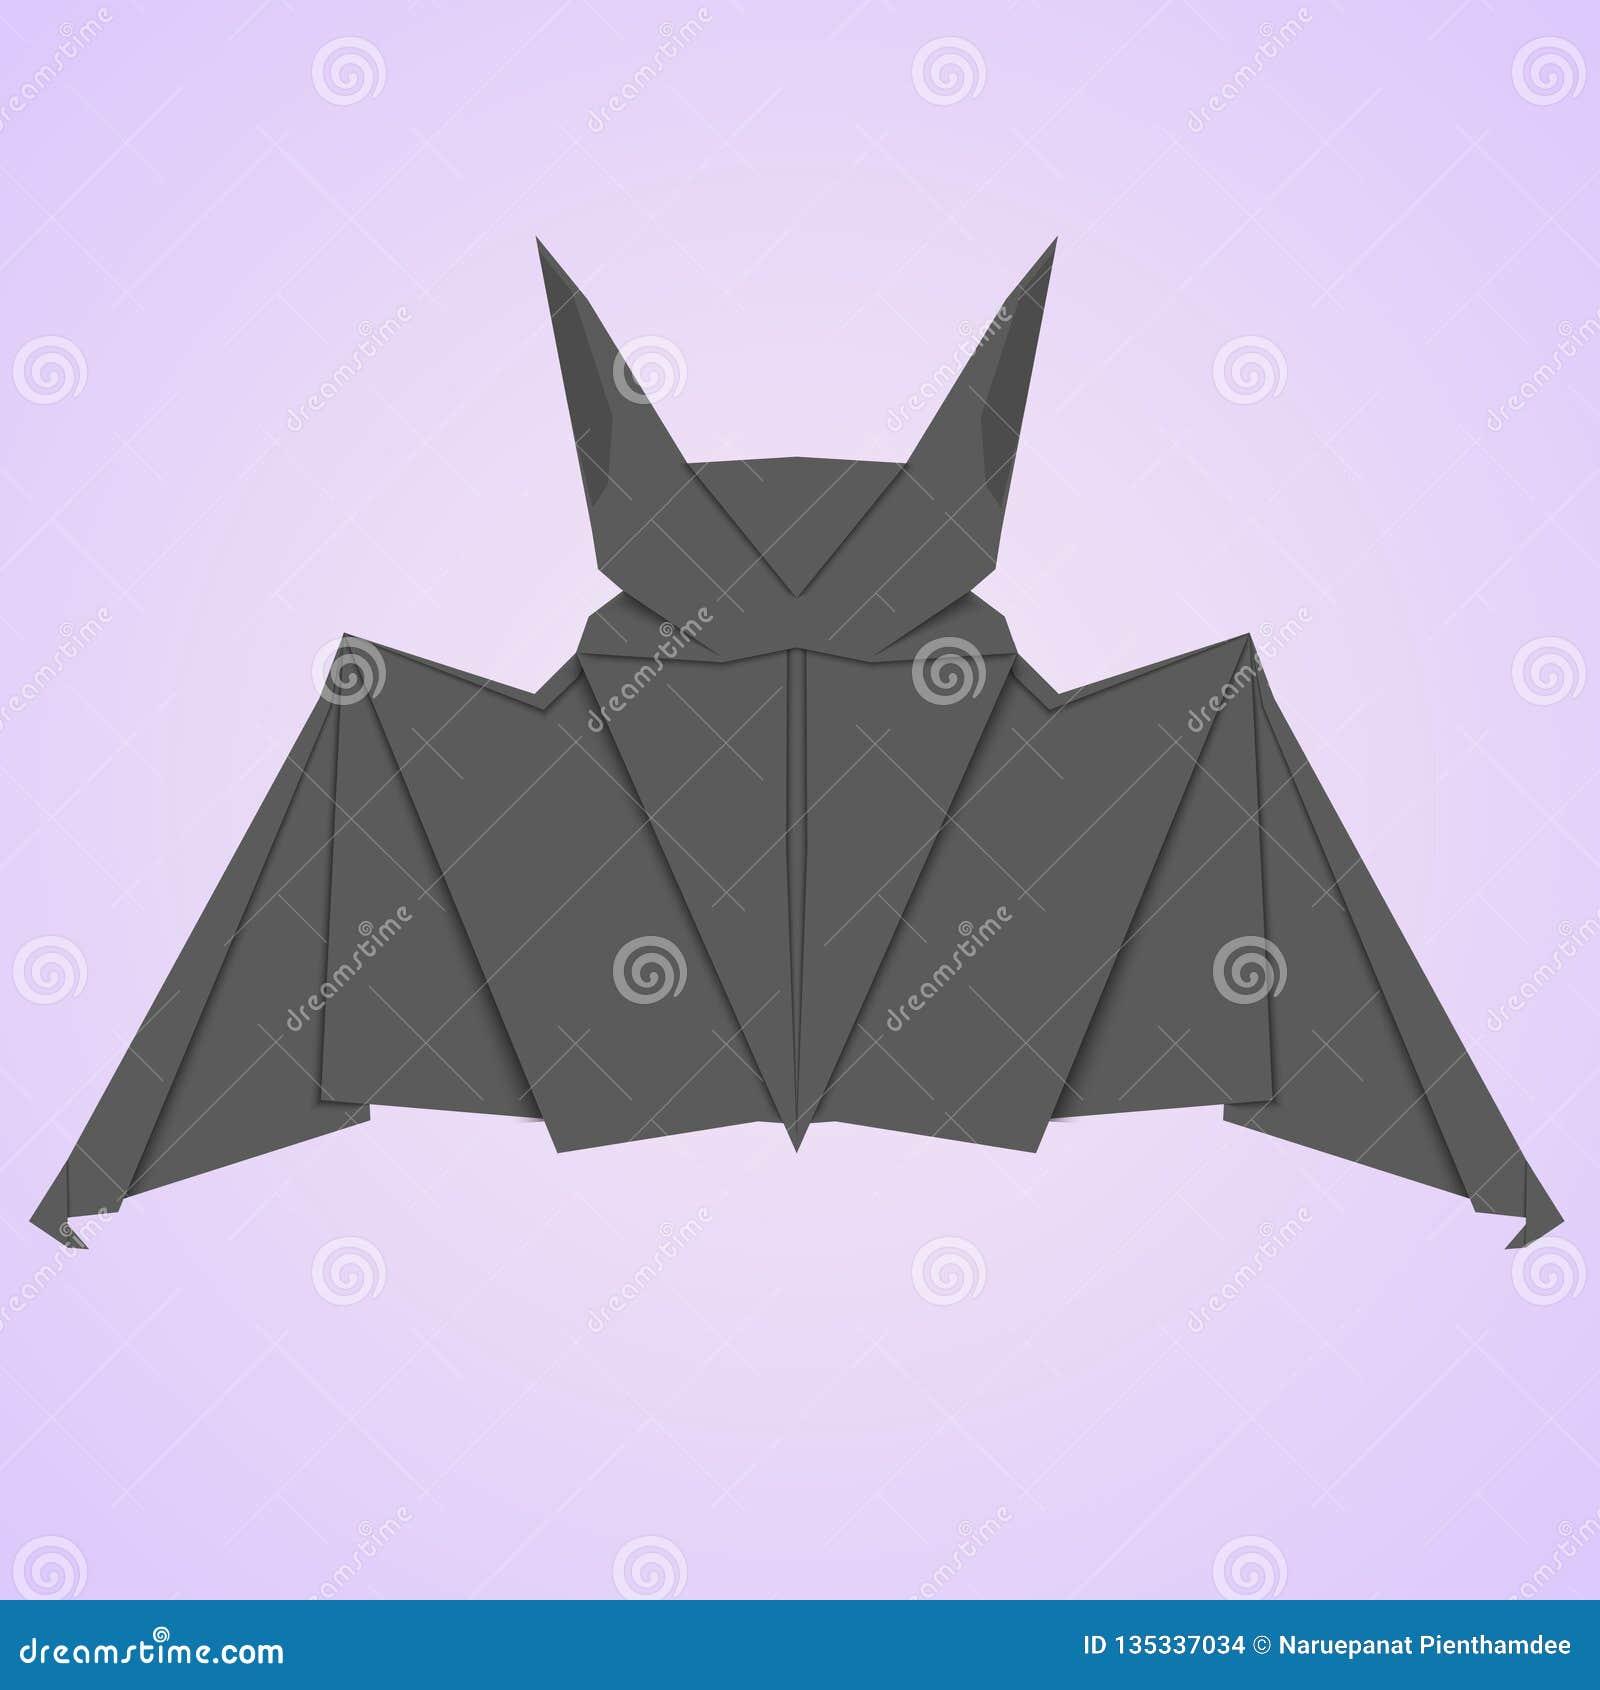 Black paper bat 3D style.